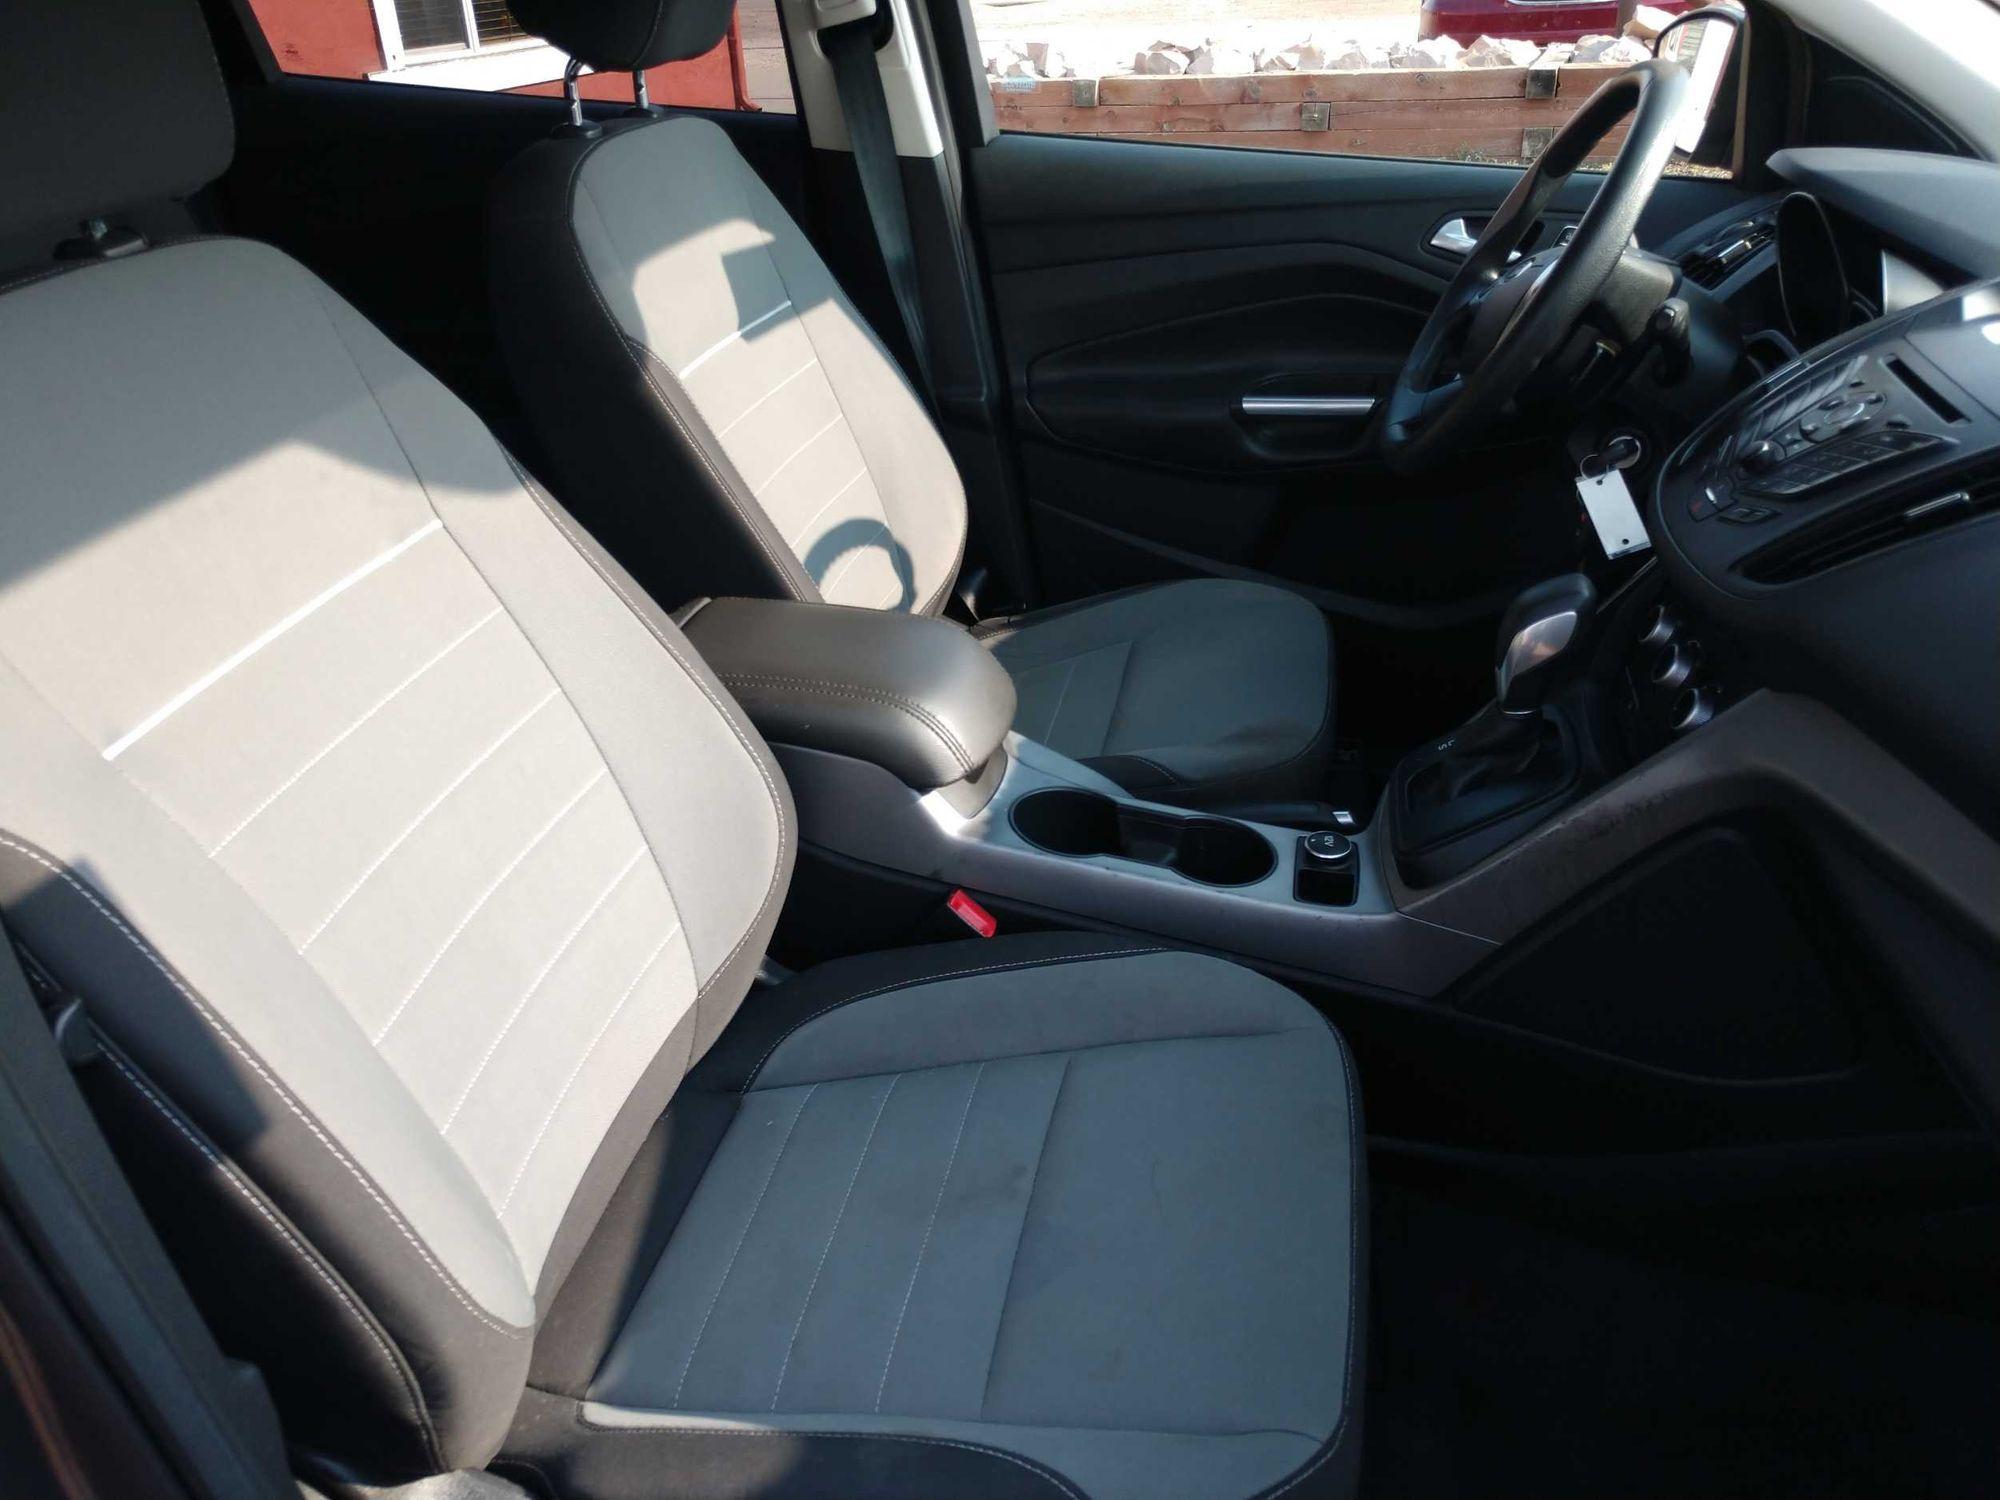 2014 Ford Escape Se Berkenkotter Motors 8n Steering View 17 Hi Res Photos